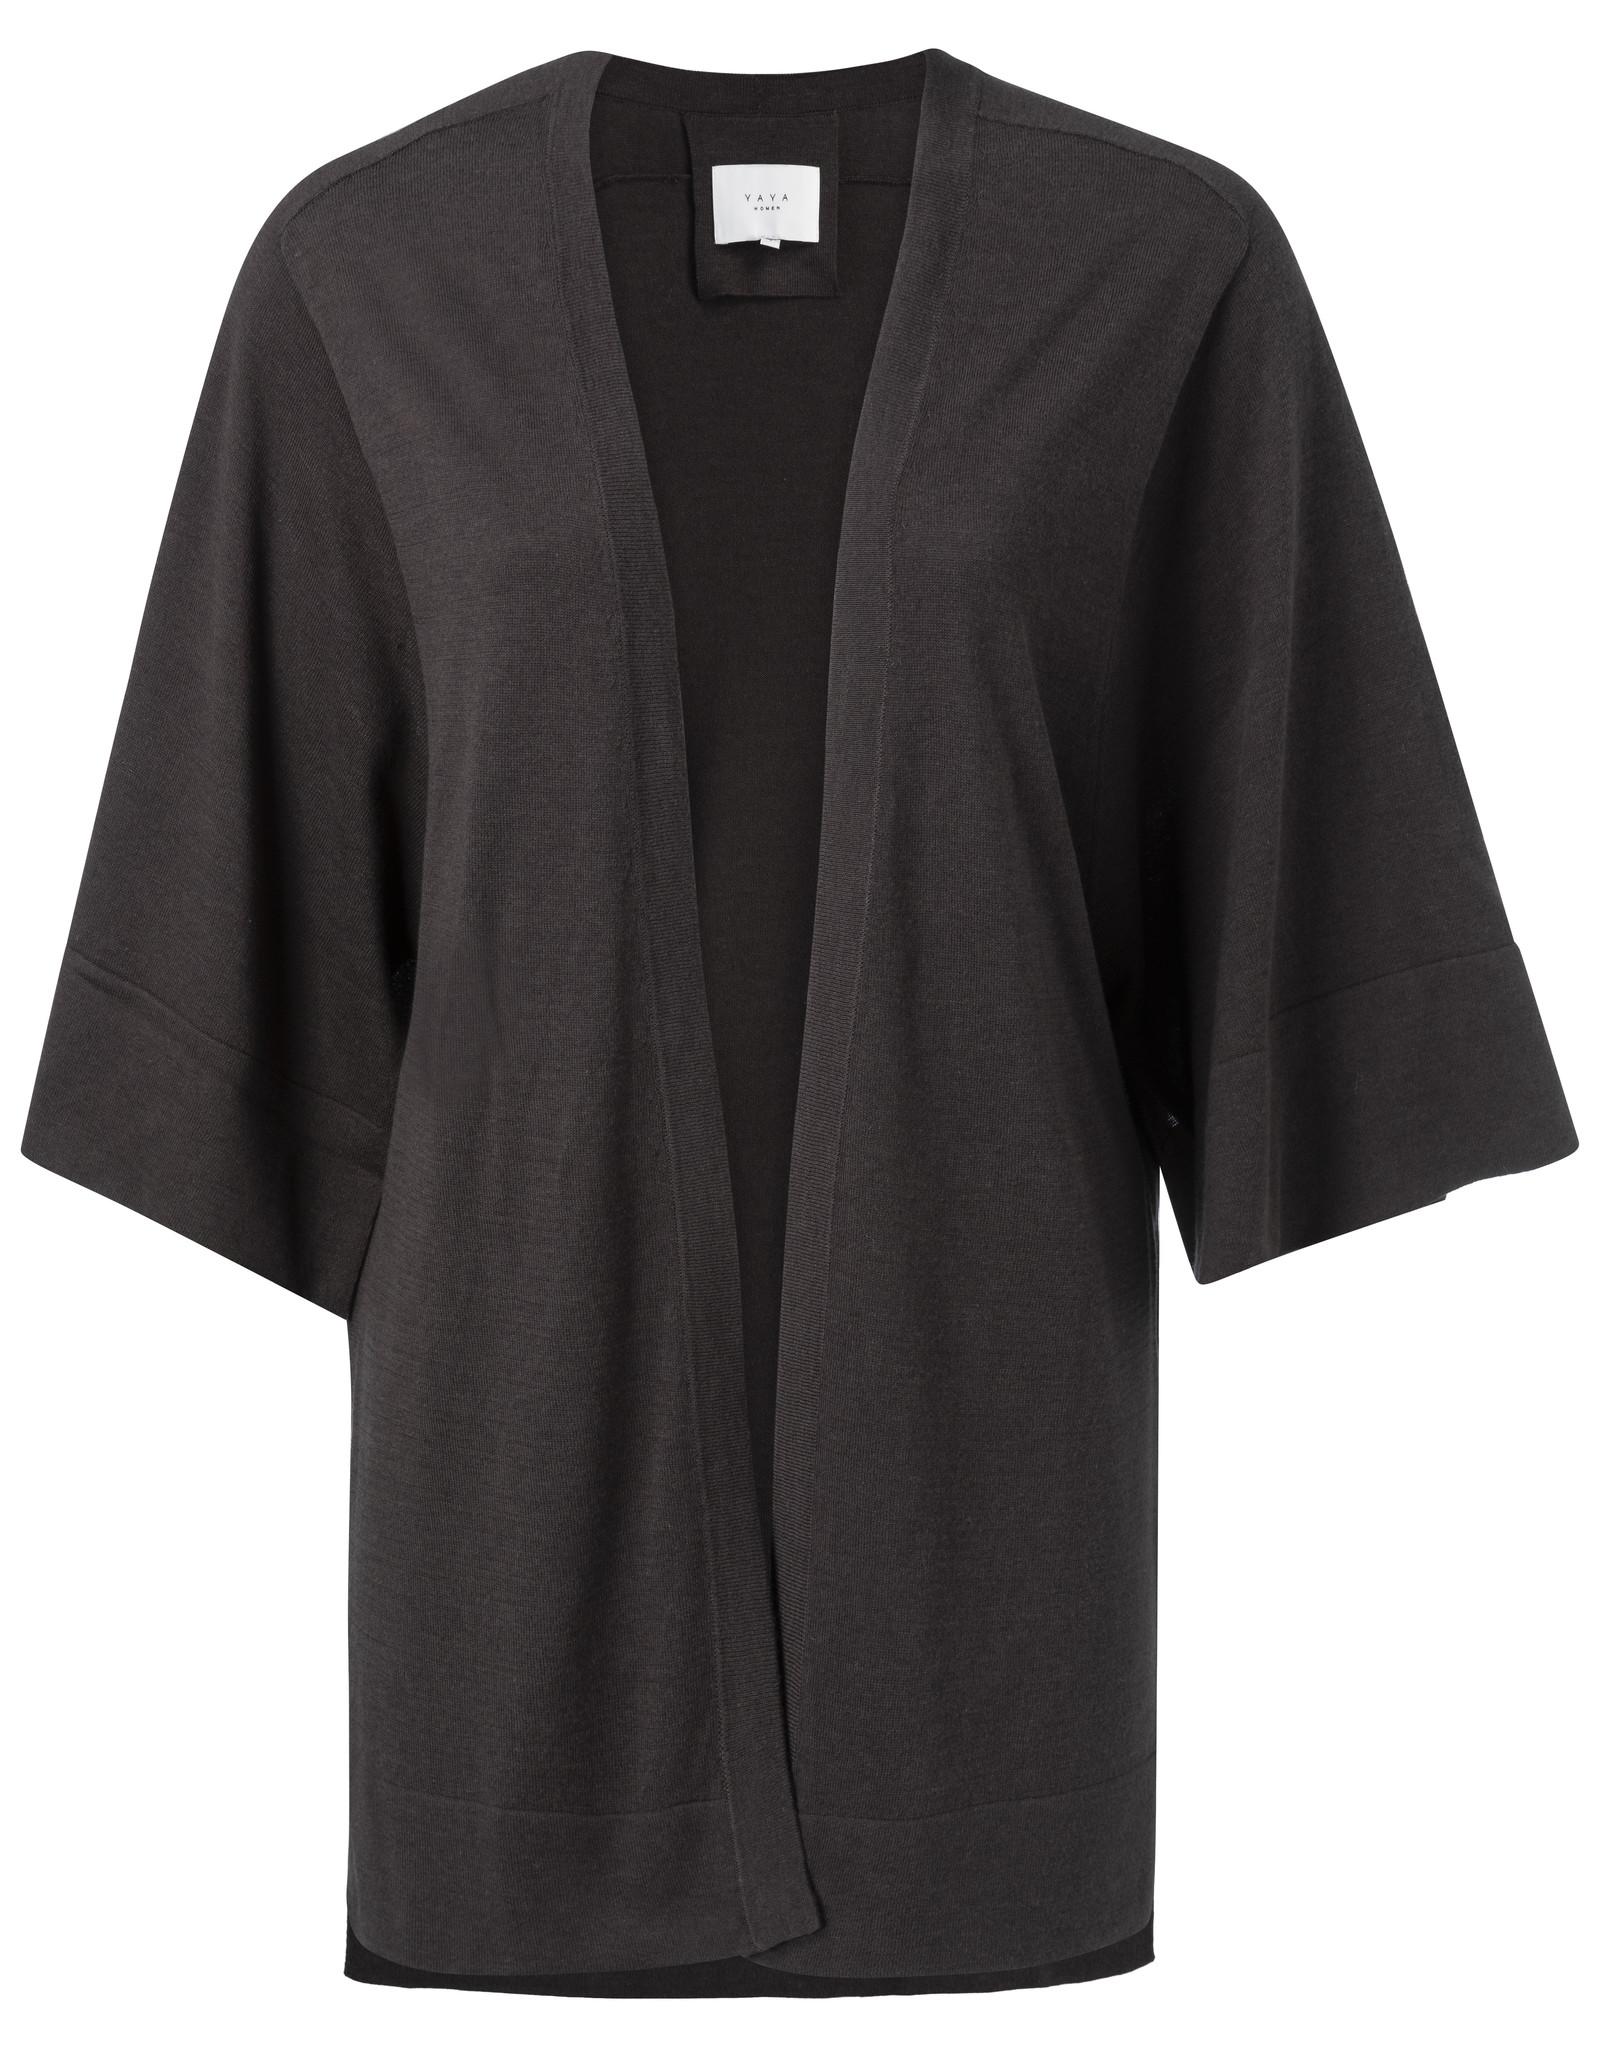 Yaya Kimono Cardigan